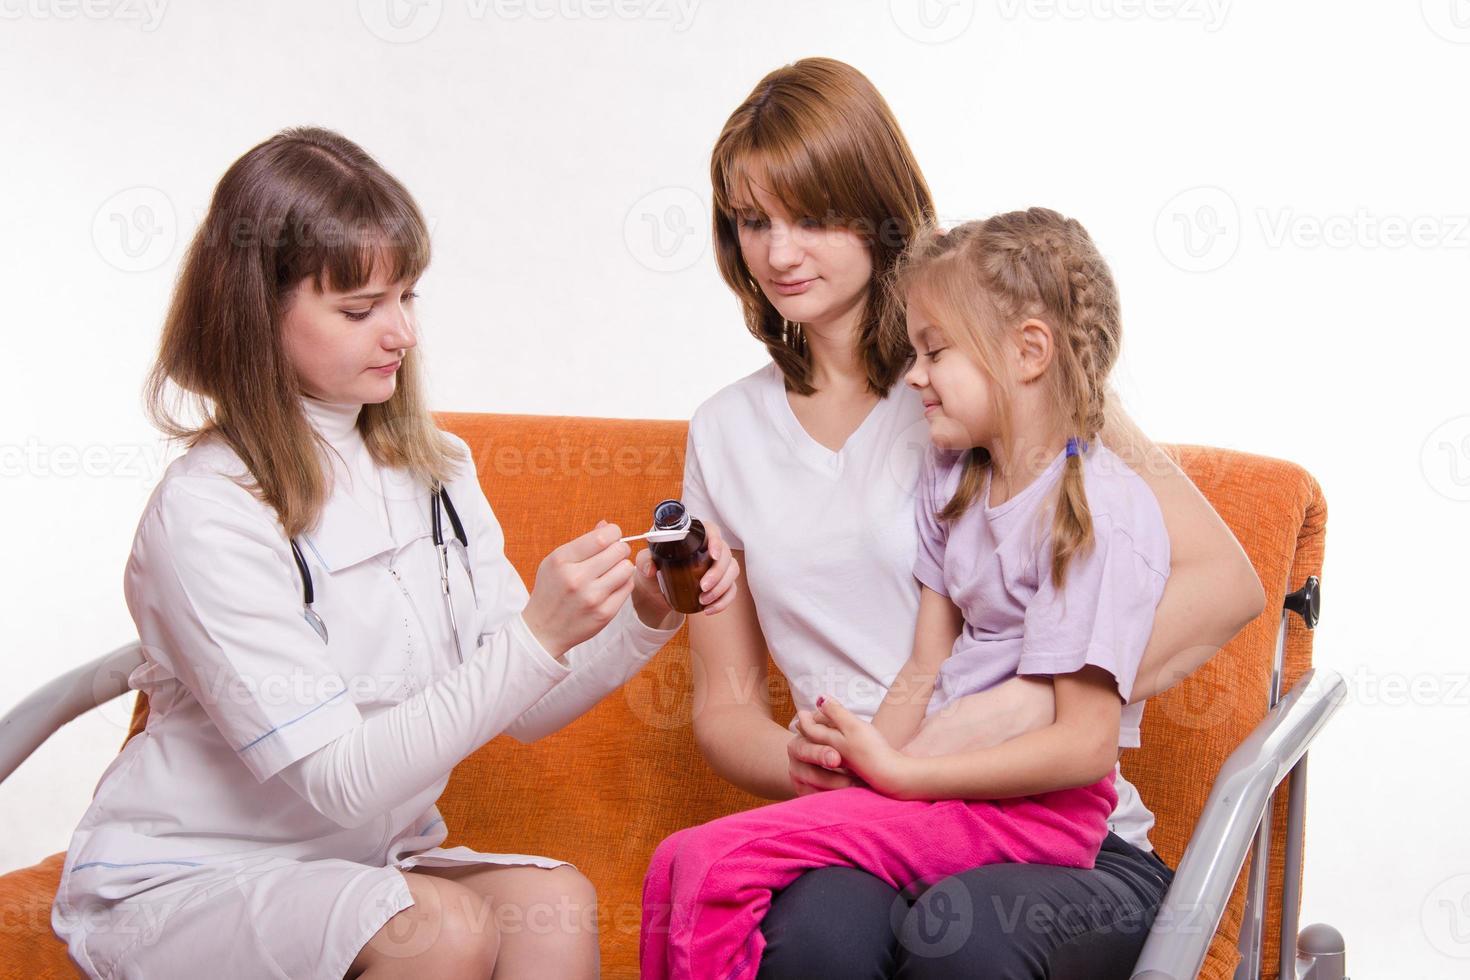 il pediatra sta per dare la medicina della madre seduta del bambino malato foto